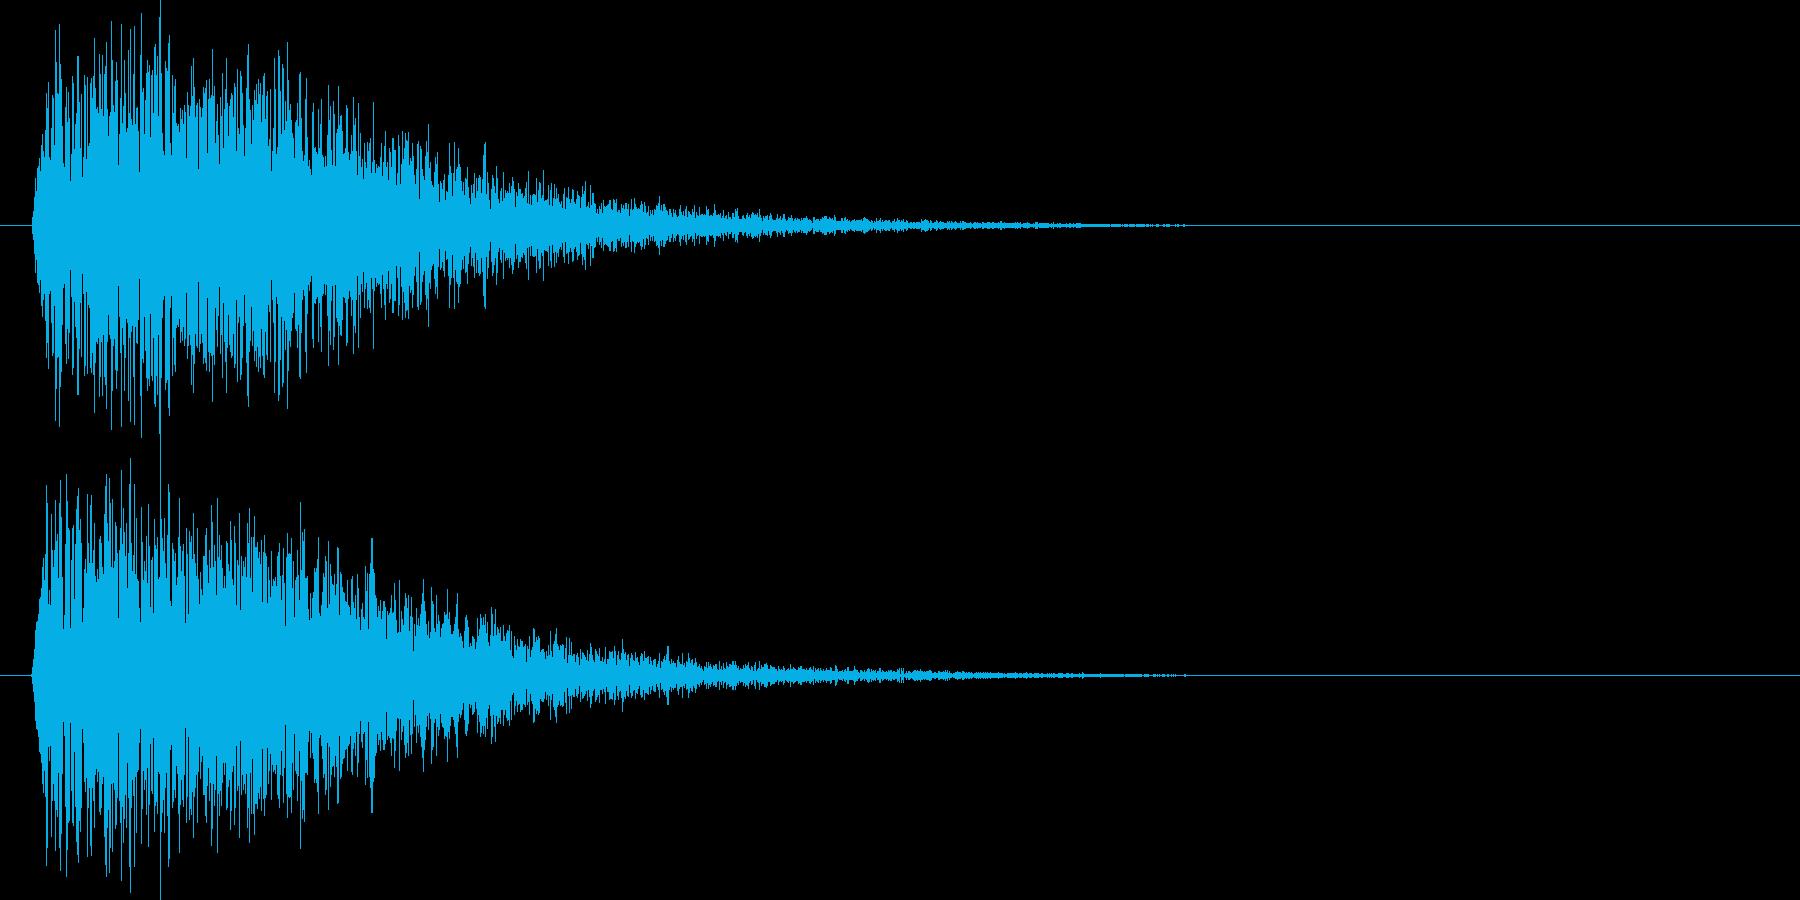 ドカーン(破壊音)の再生済みの波形